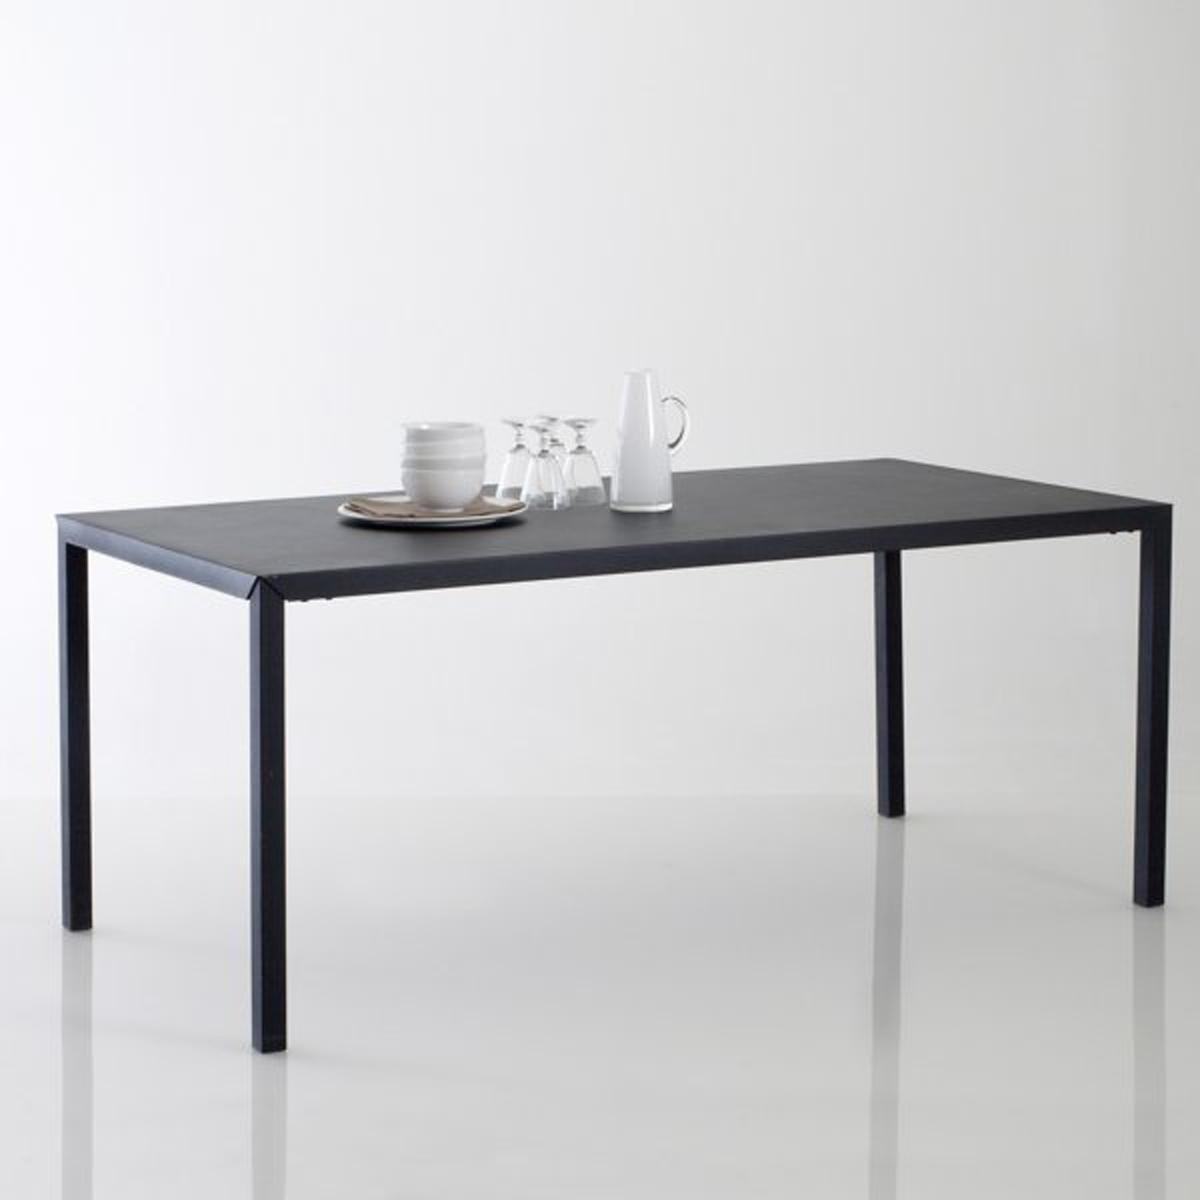 Стол La Redoute Обеденный из черного матового металла на приборов Hiba 6 персоны черный стол la redoute с инкрустацией на персон mosaque 6 персоны бежевый